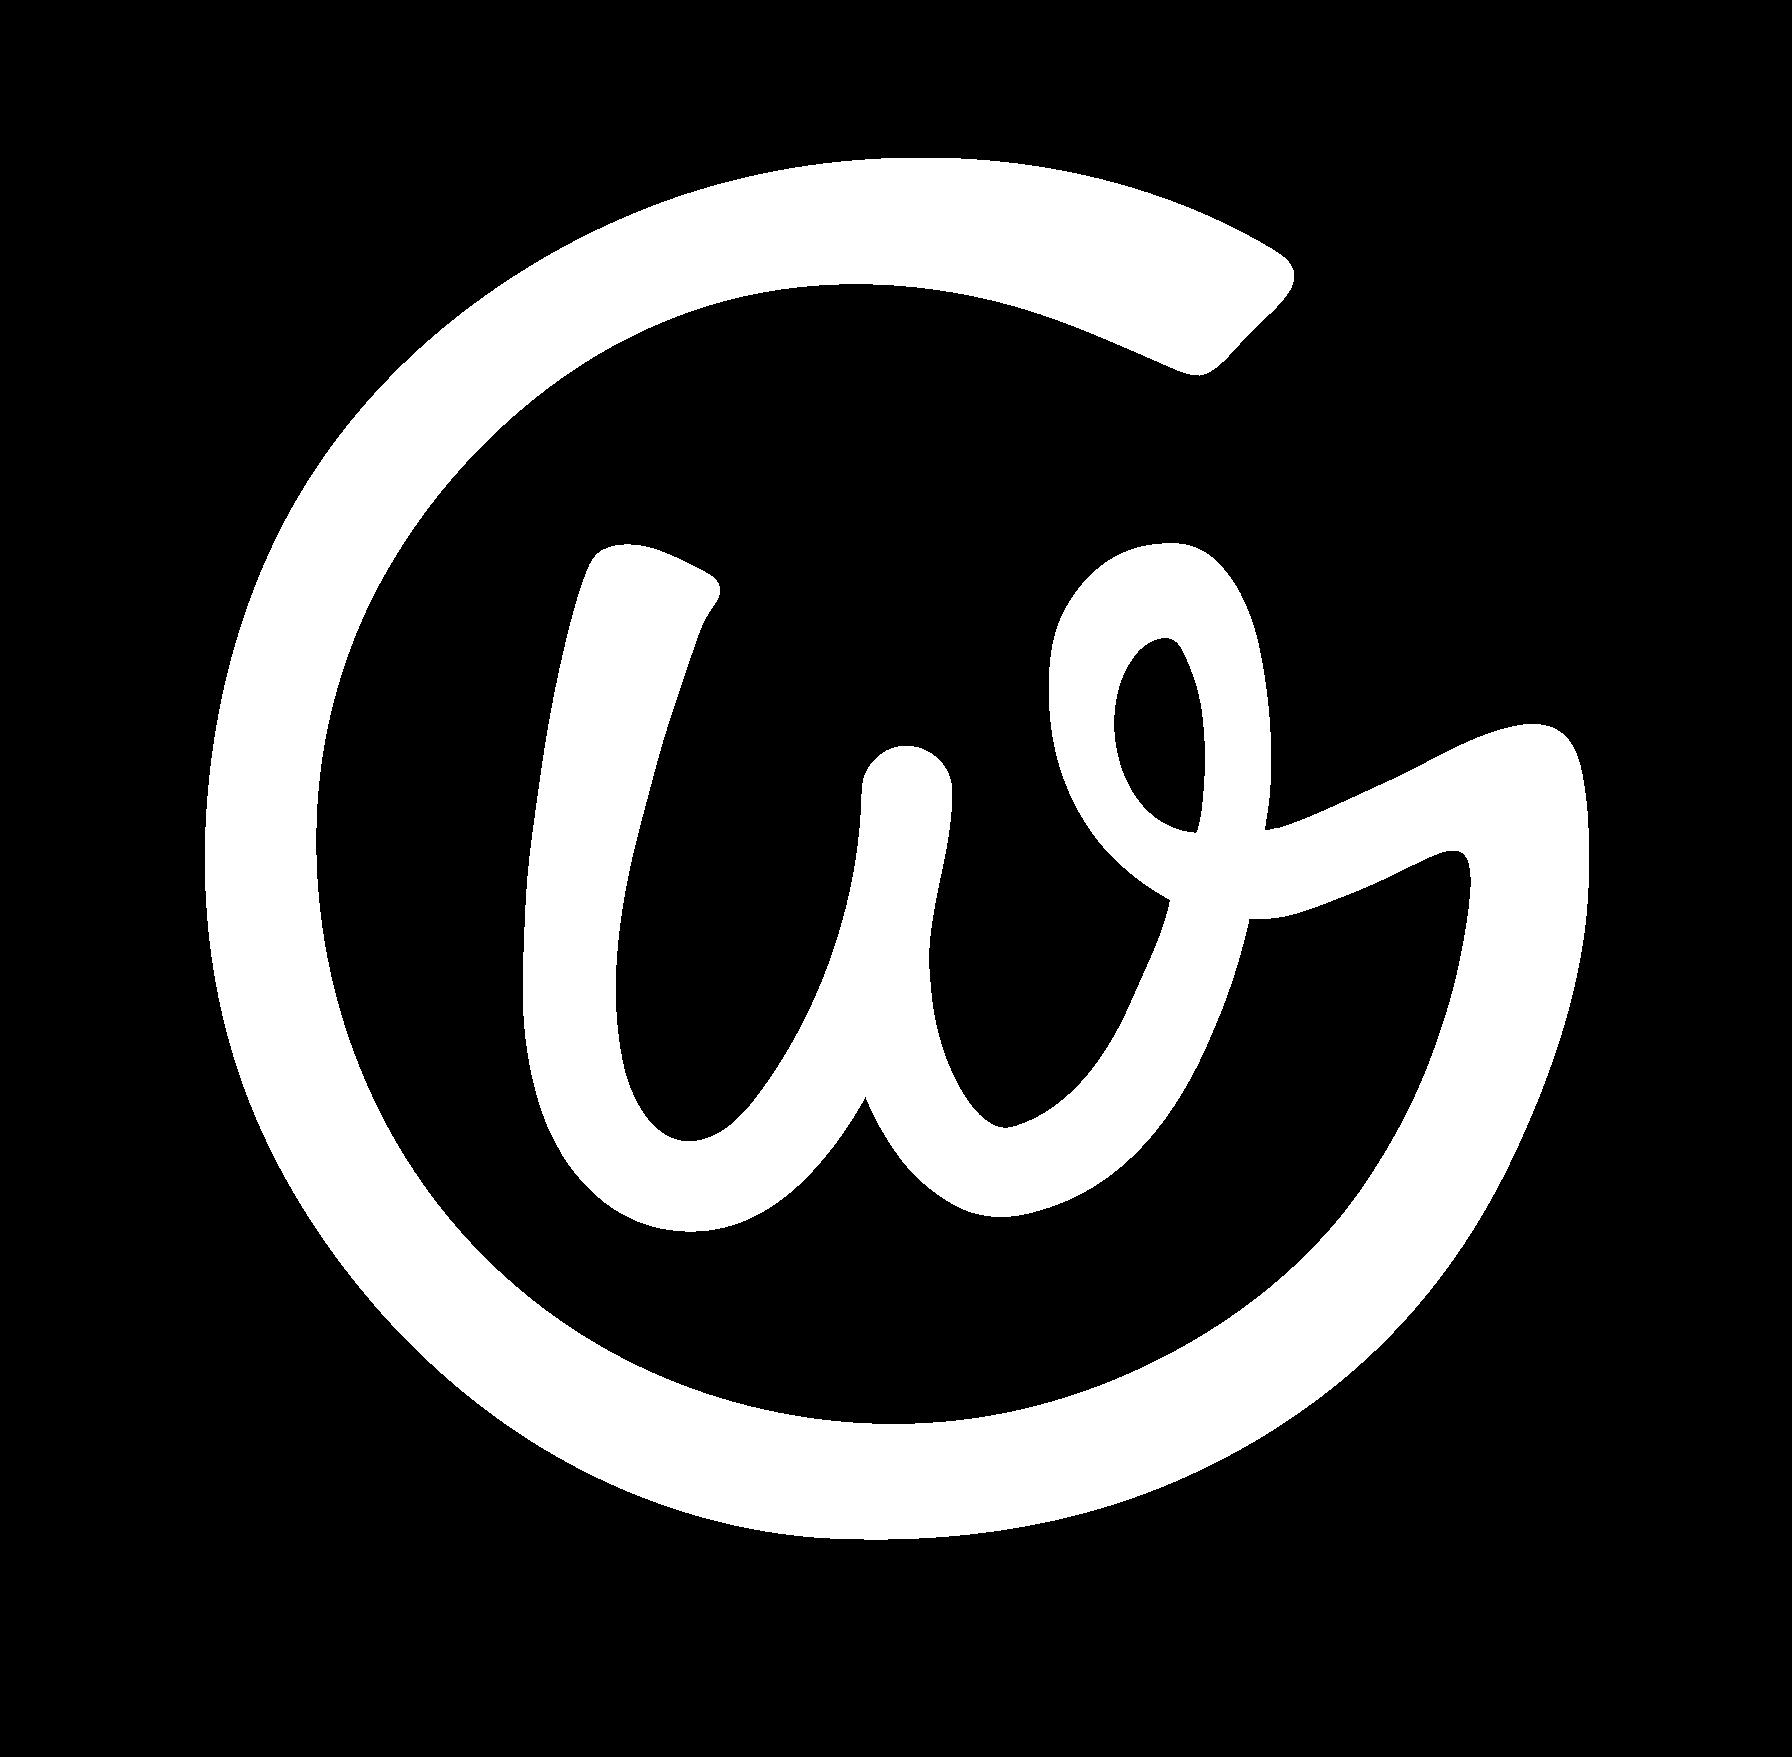 GW icon White